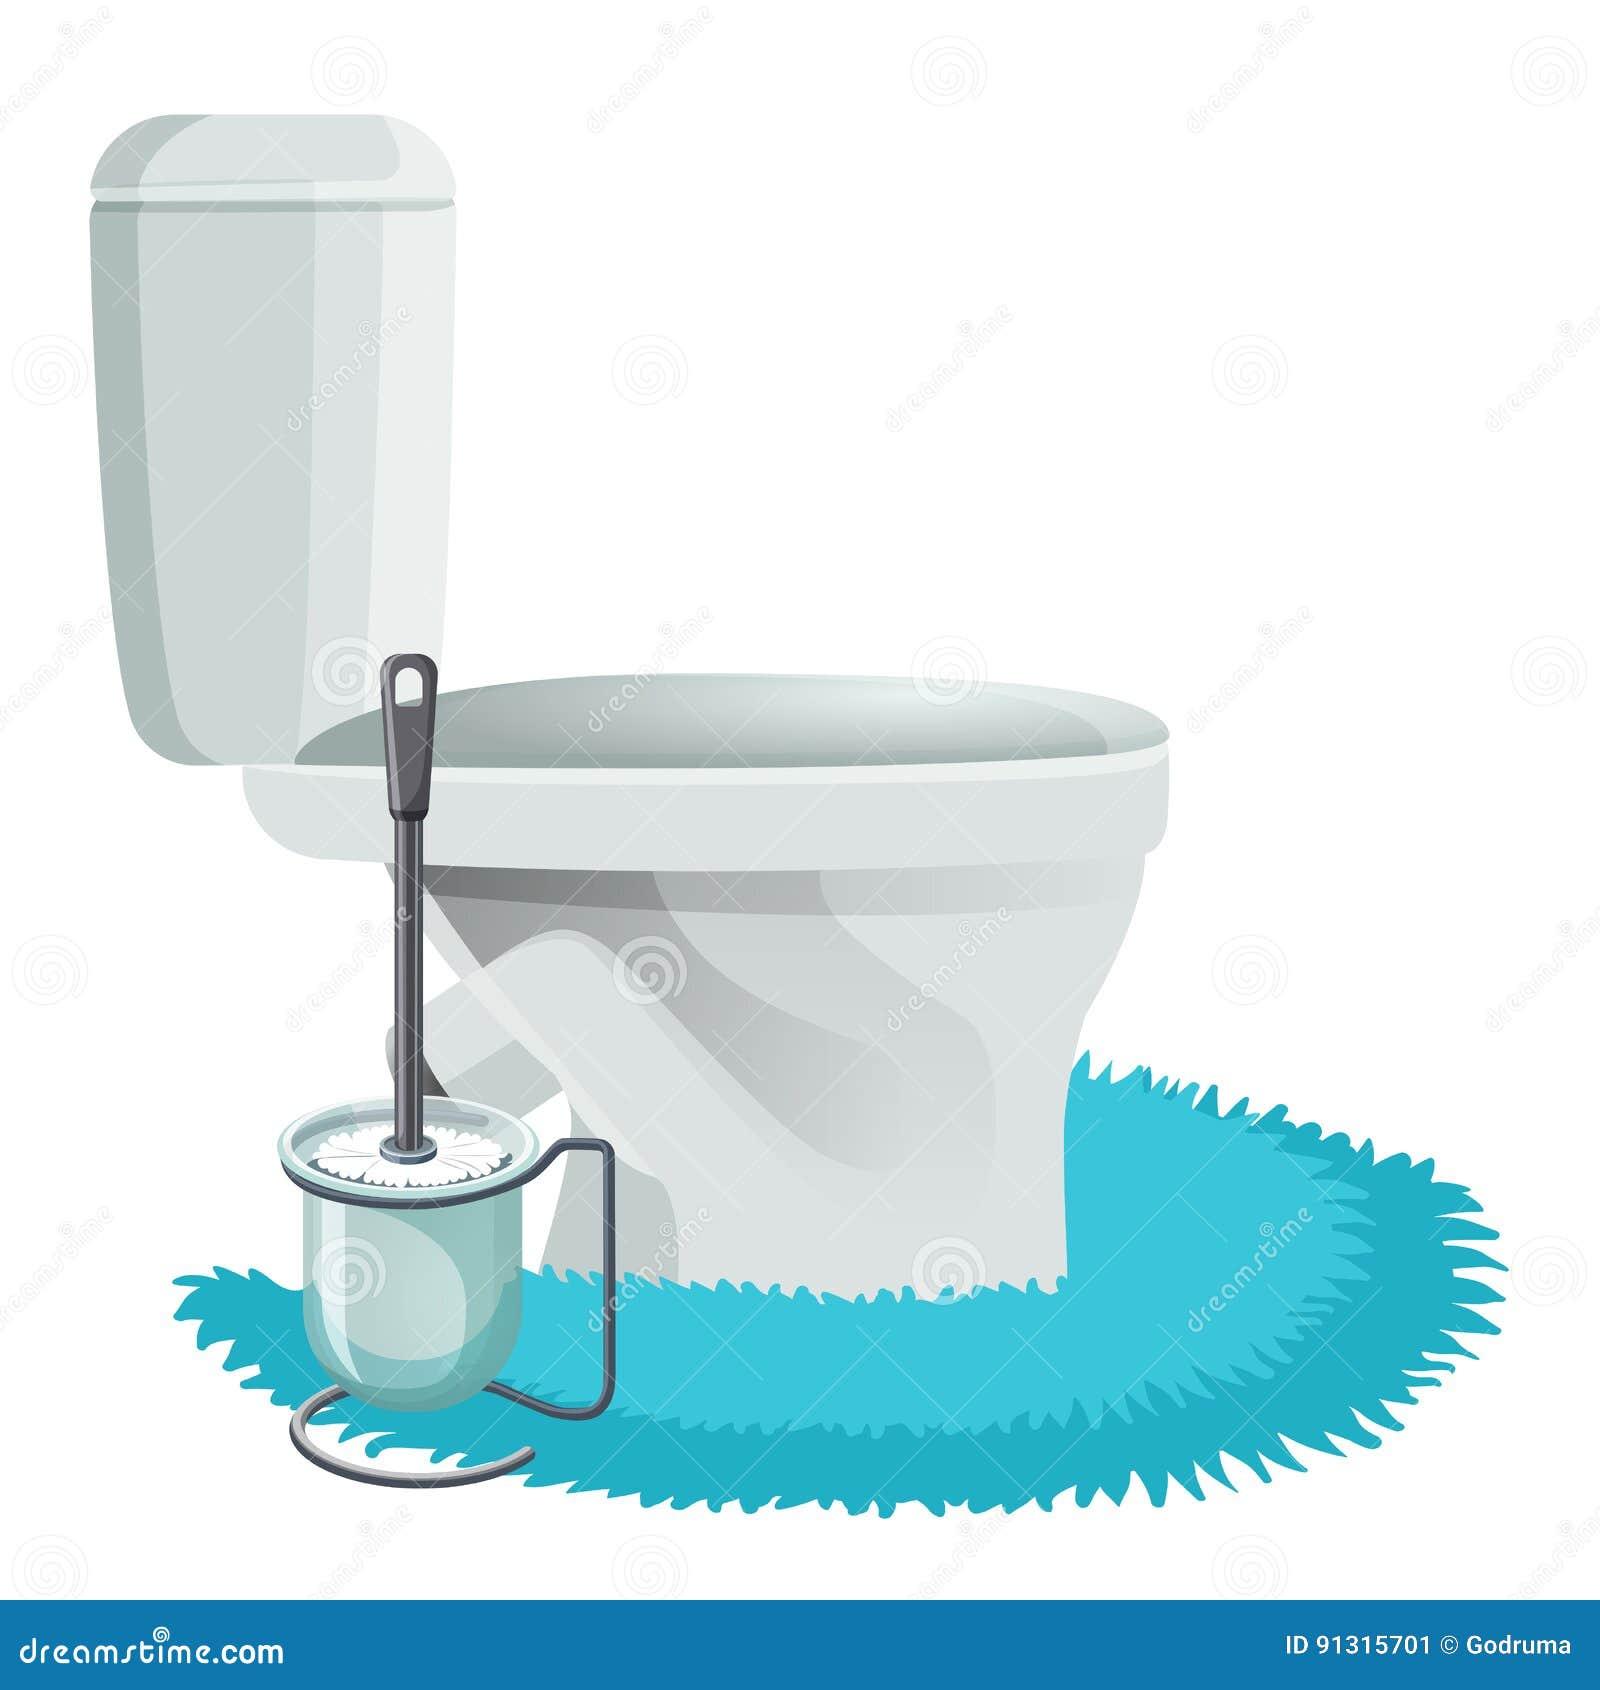 Ciotola di toilette bianca sulle icone blu della spazzola di pulizia e della coperta